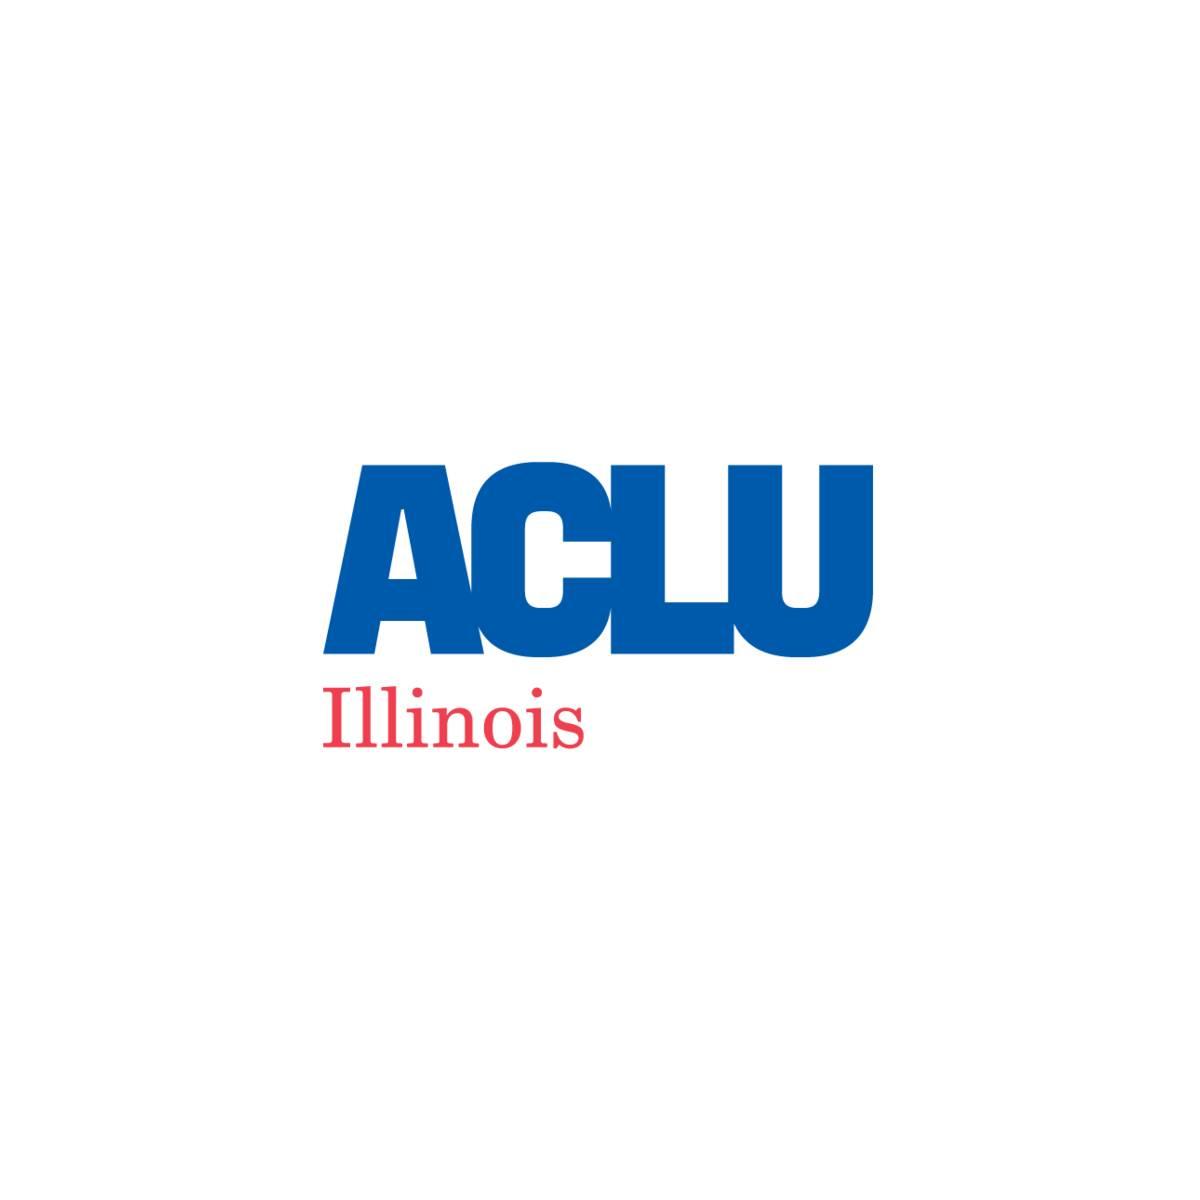 ACLU Illinois image